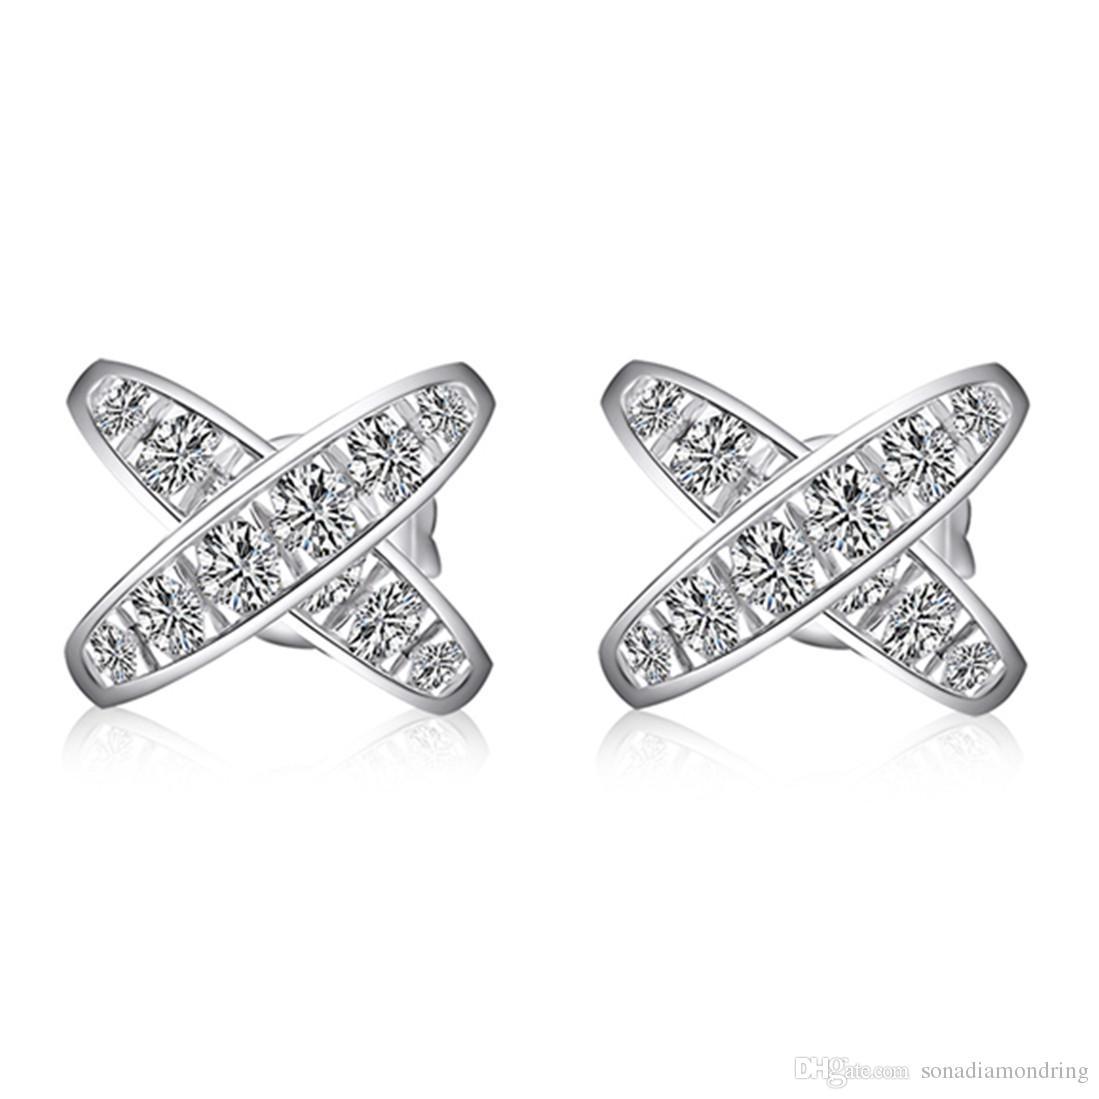 111017ee5d94d0 Acquista Orecchini A Bottone Con Croce In Argento 925 Con Perno Orecchini A  Perno Con Diamante In Argento Con Collana NSCD Orecchini In Oro Bianco 18  Carati ...